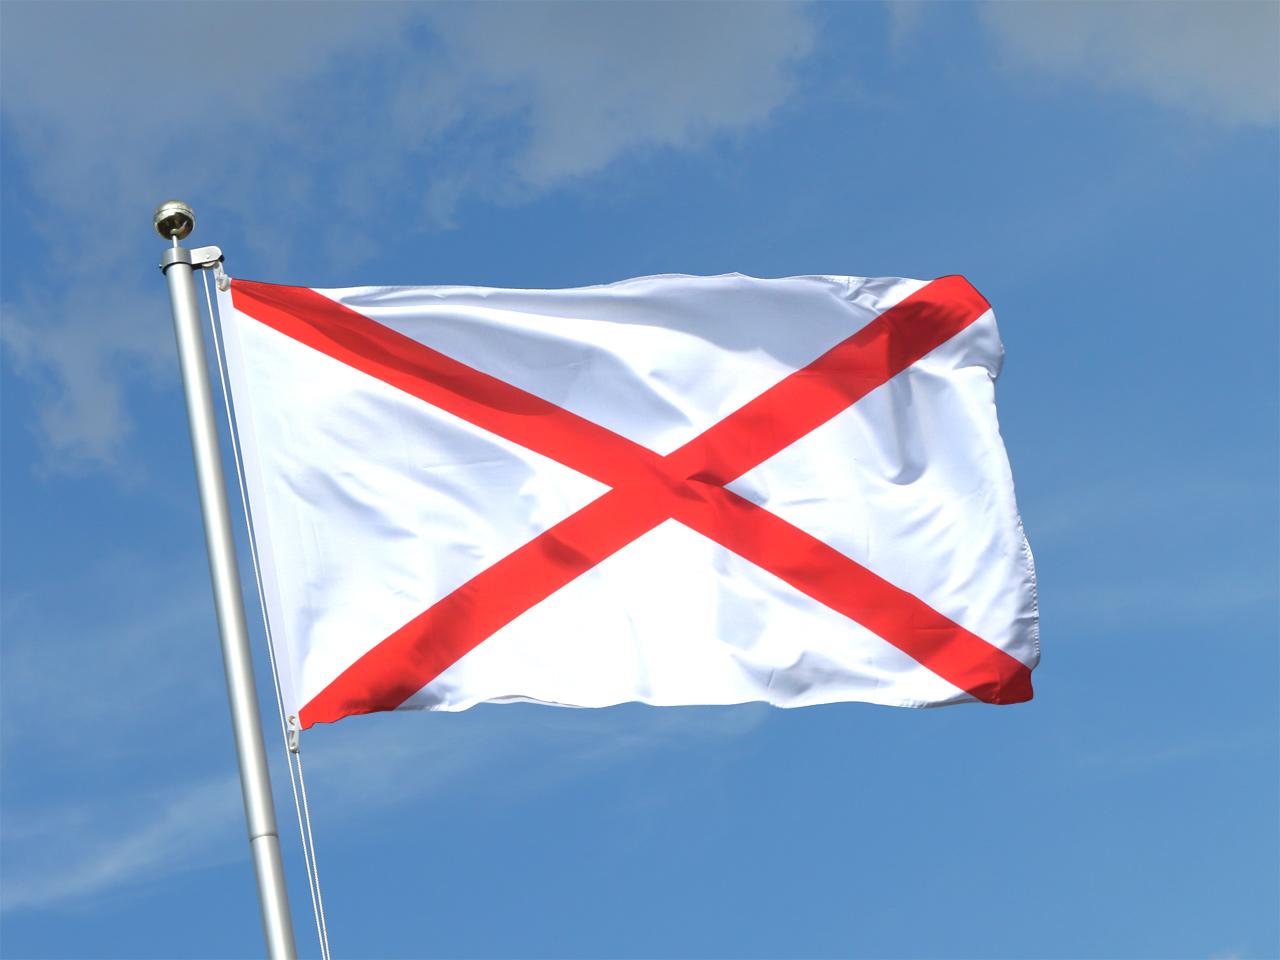 северная ирландия флаг фото шторы больших